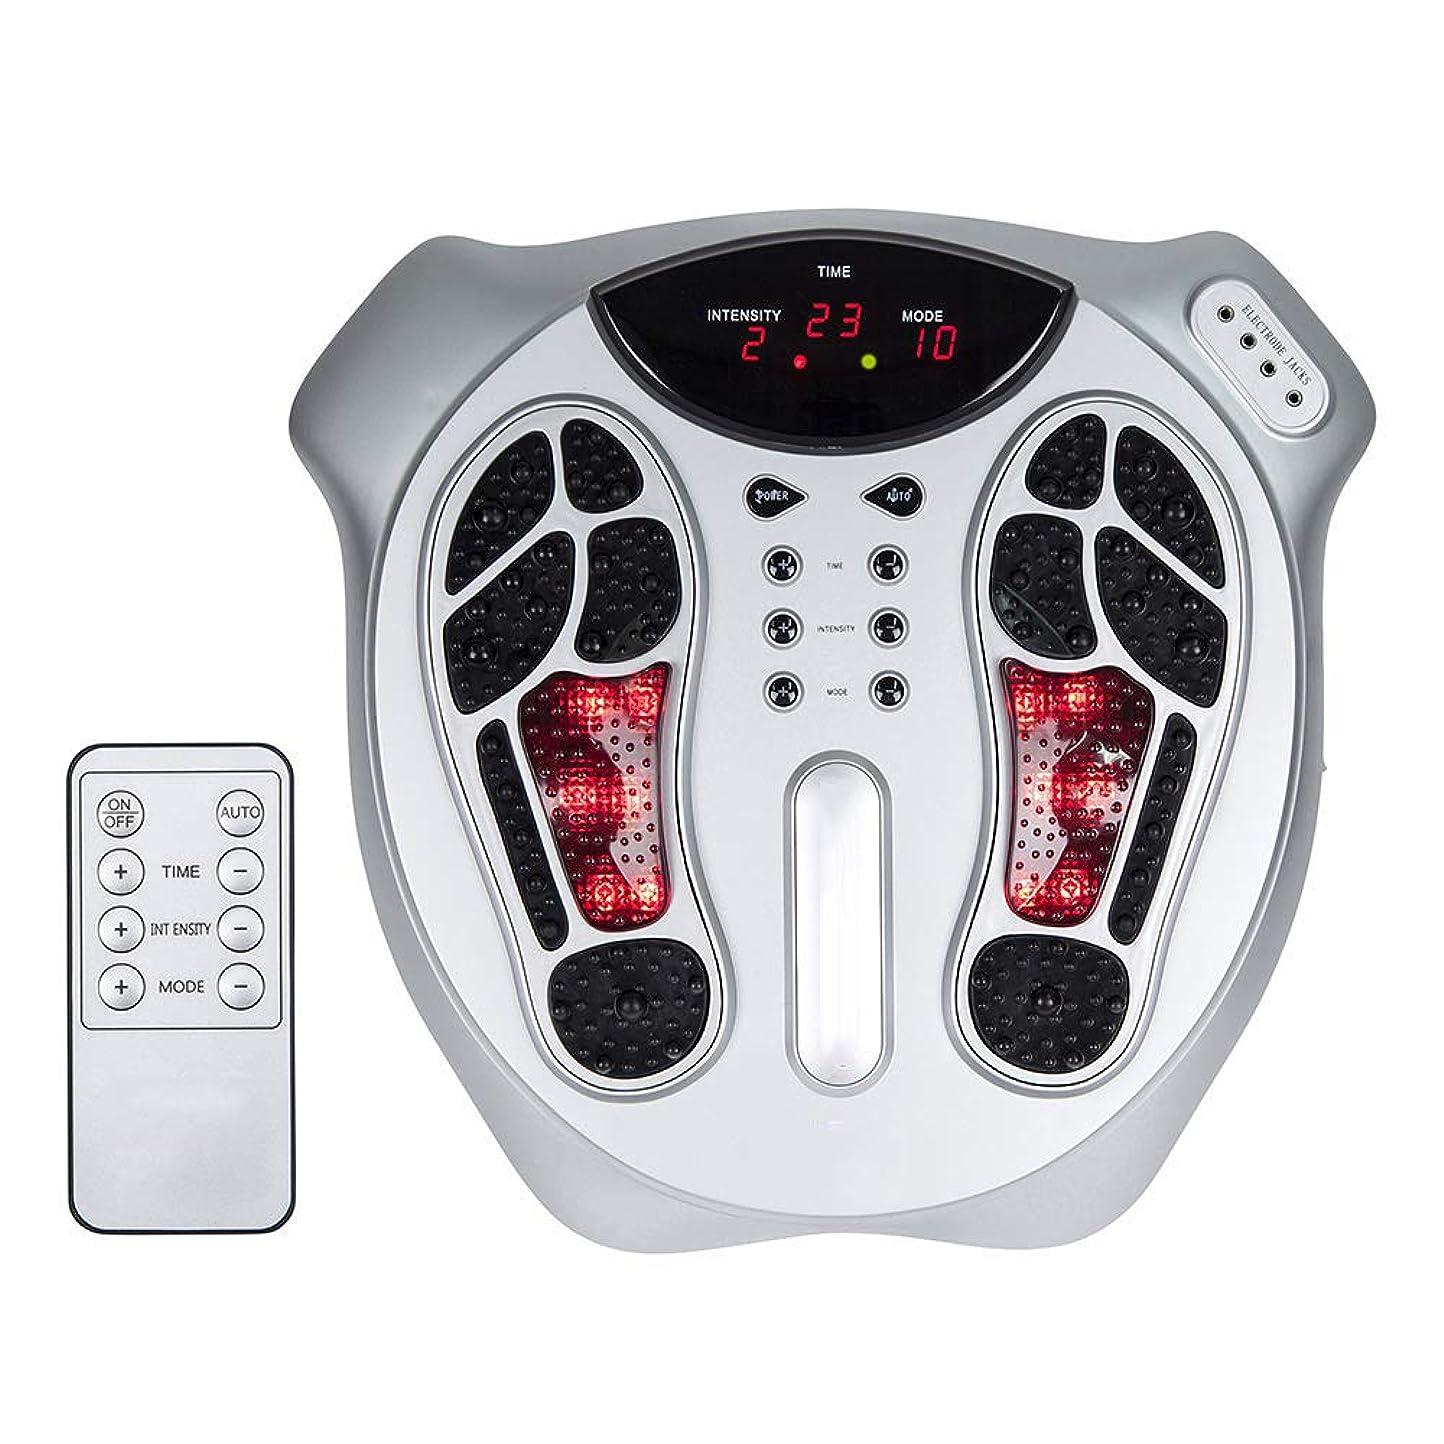 見てキャプテンブライ承認電磁足循環マッサージ、99種類の電磁波強度、15種類のマッサージモード、リモートコントロール、血液の改善と痛みの軽減に役立ちます